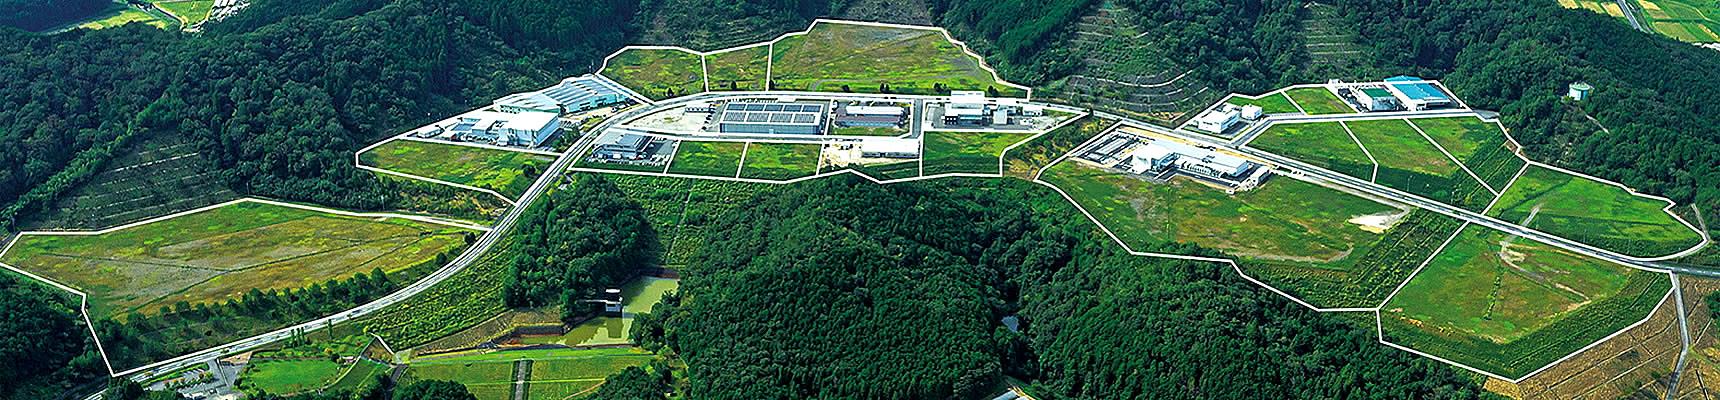 京都府土地開発公社